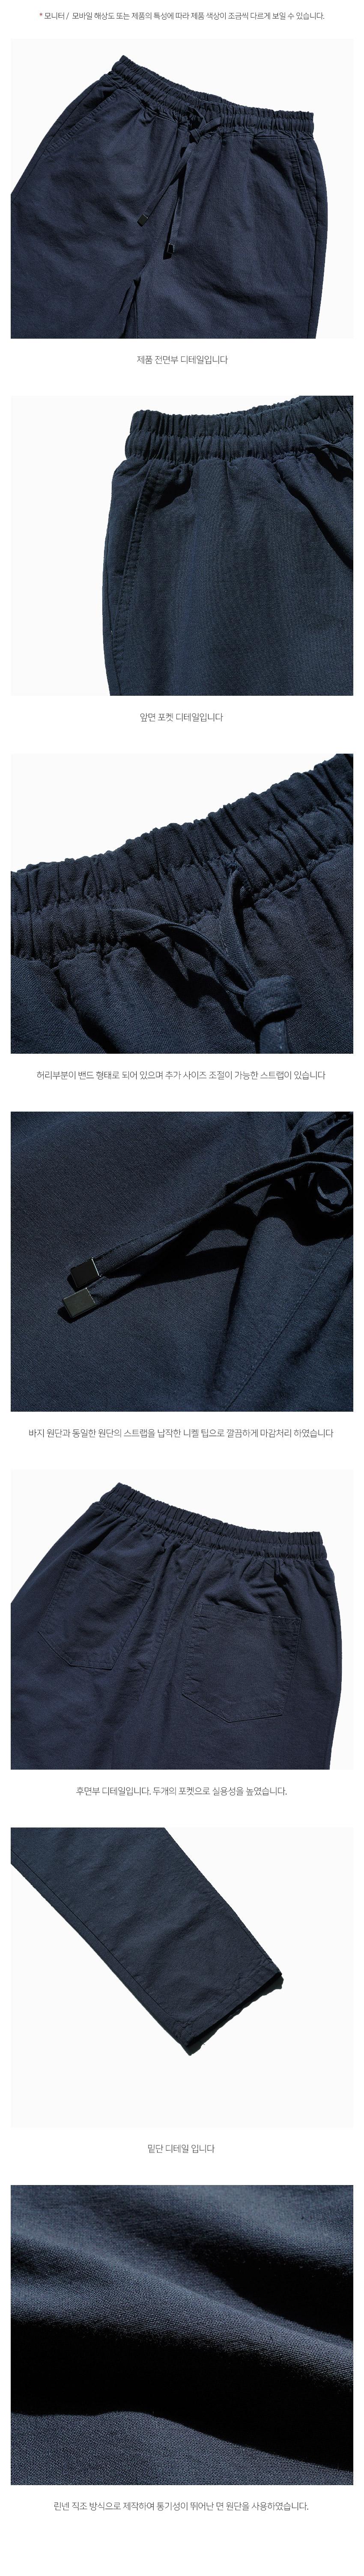 5_KHLP1253_detail_navy2_sr.jpg